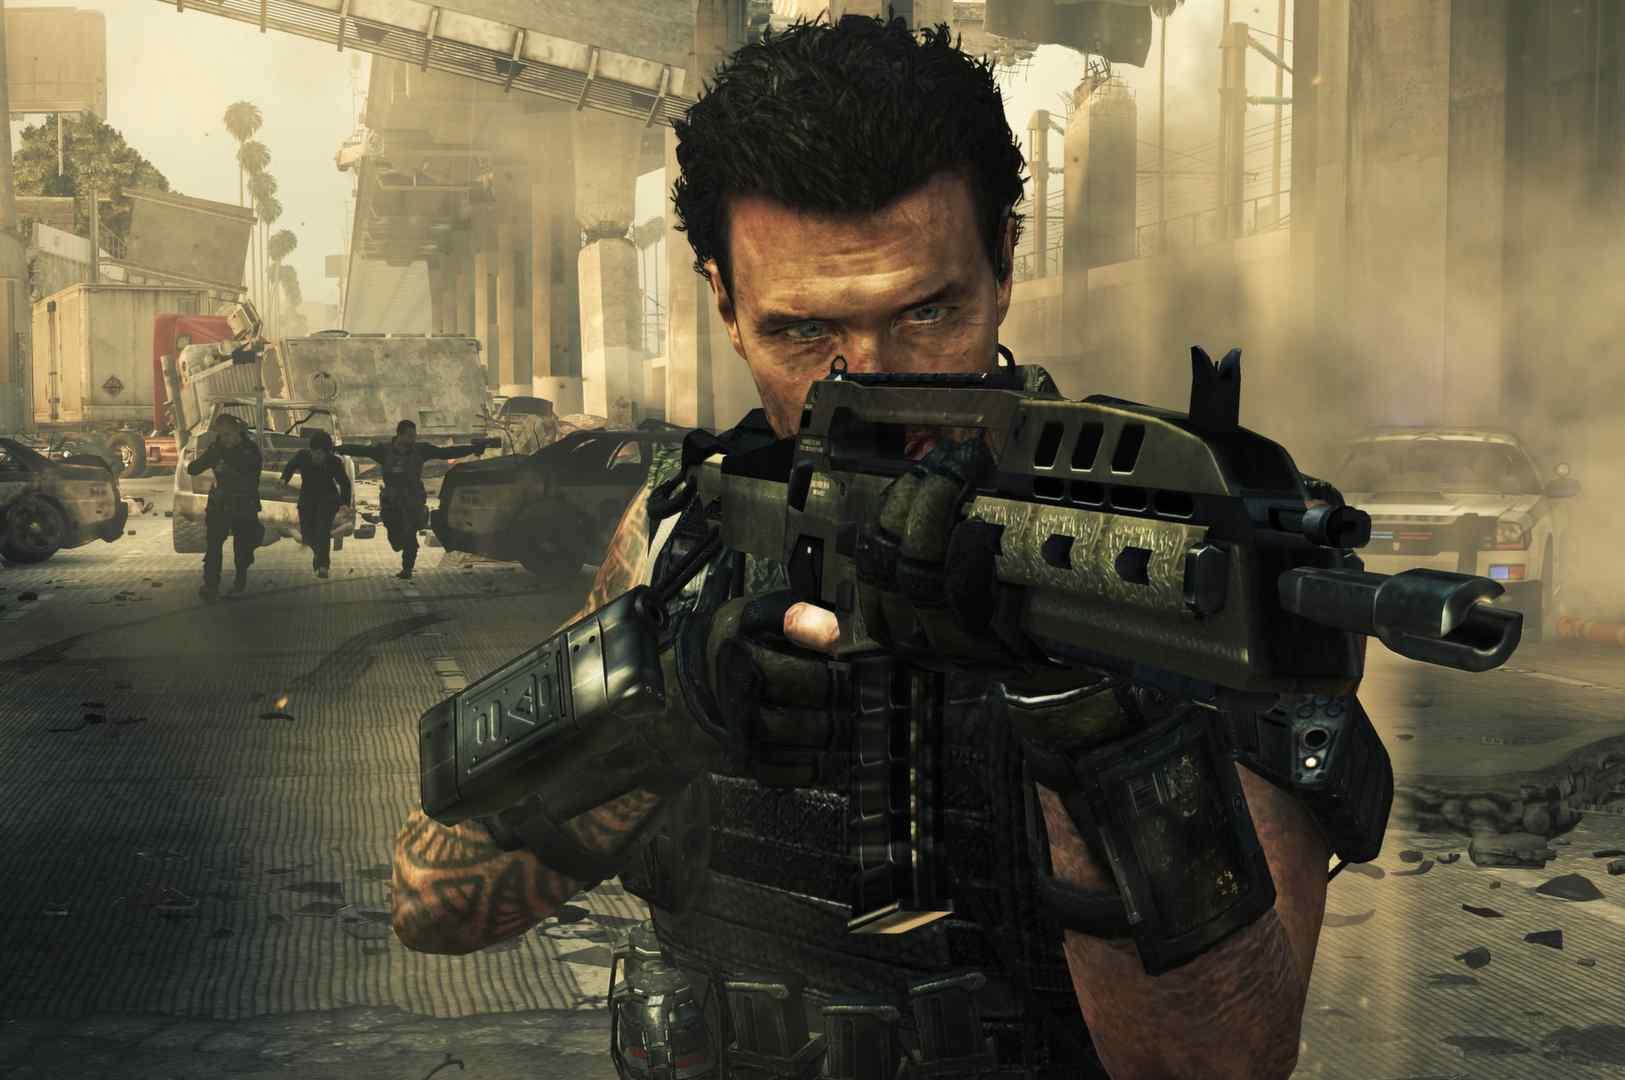 Call of Duty: Black Ops II Screenshot 3